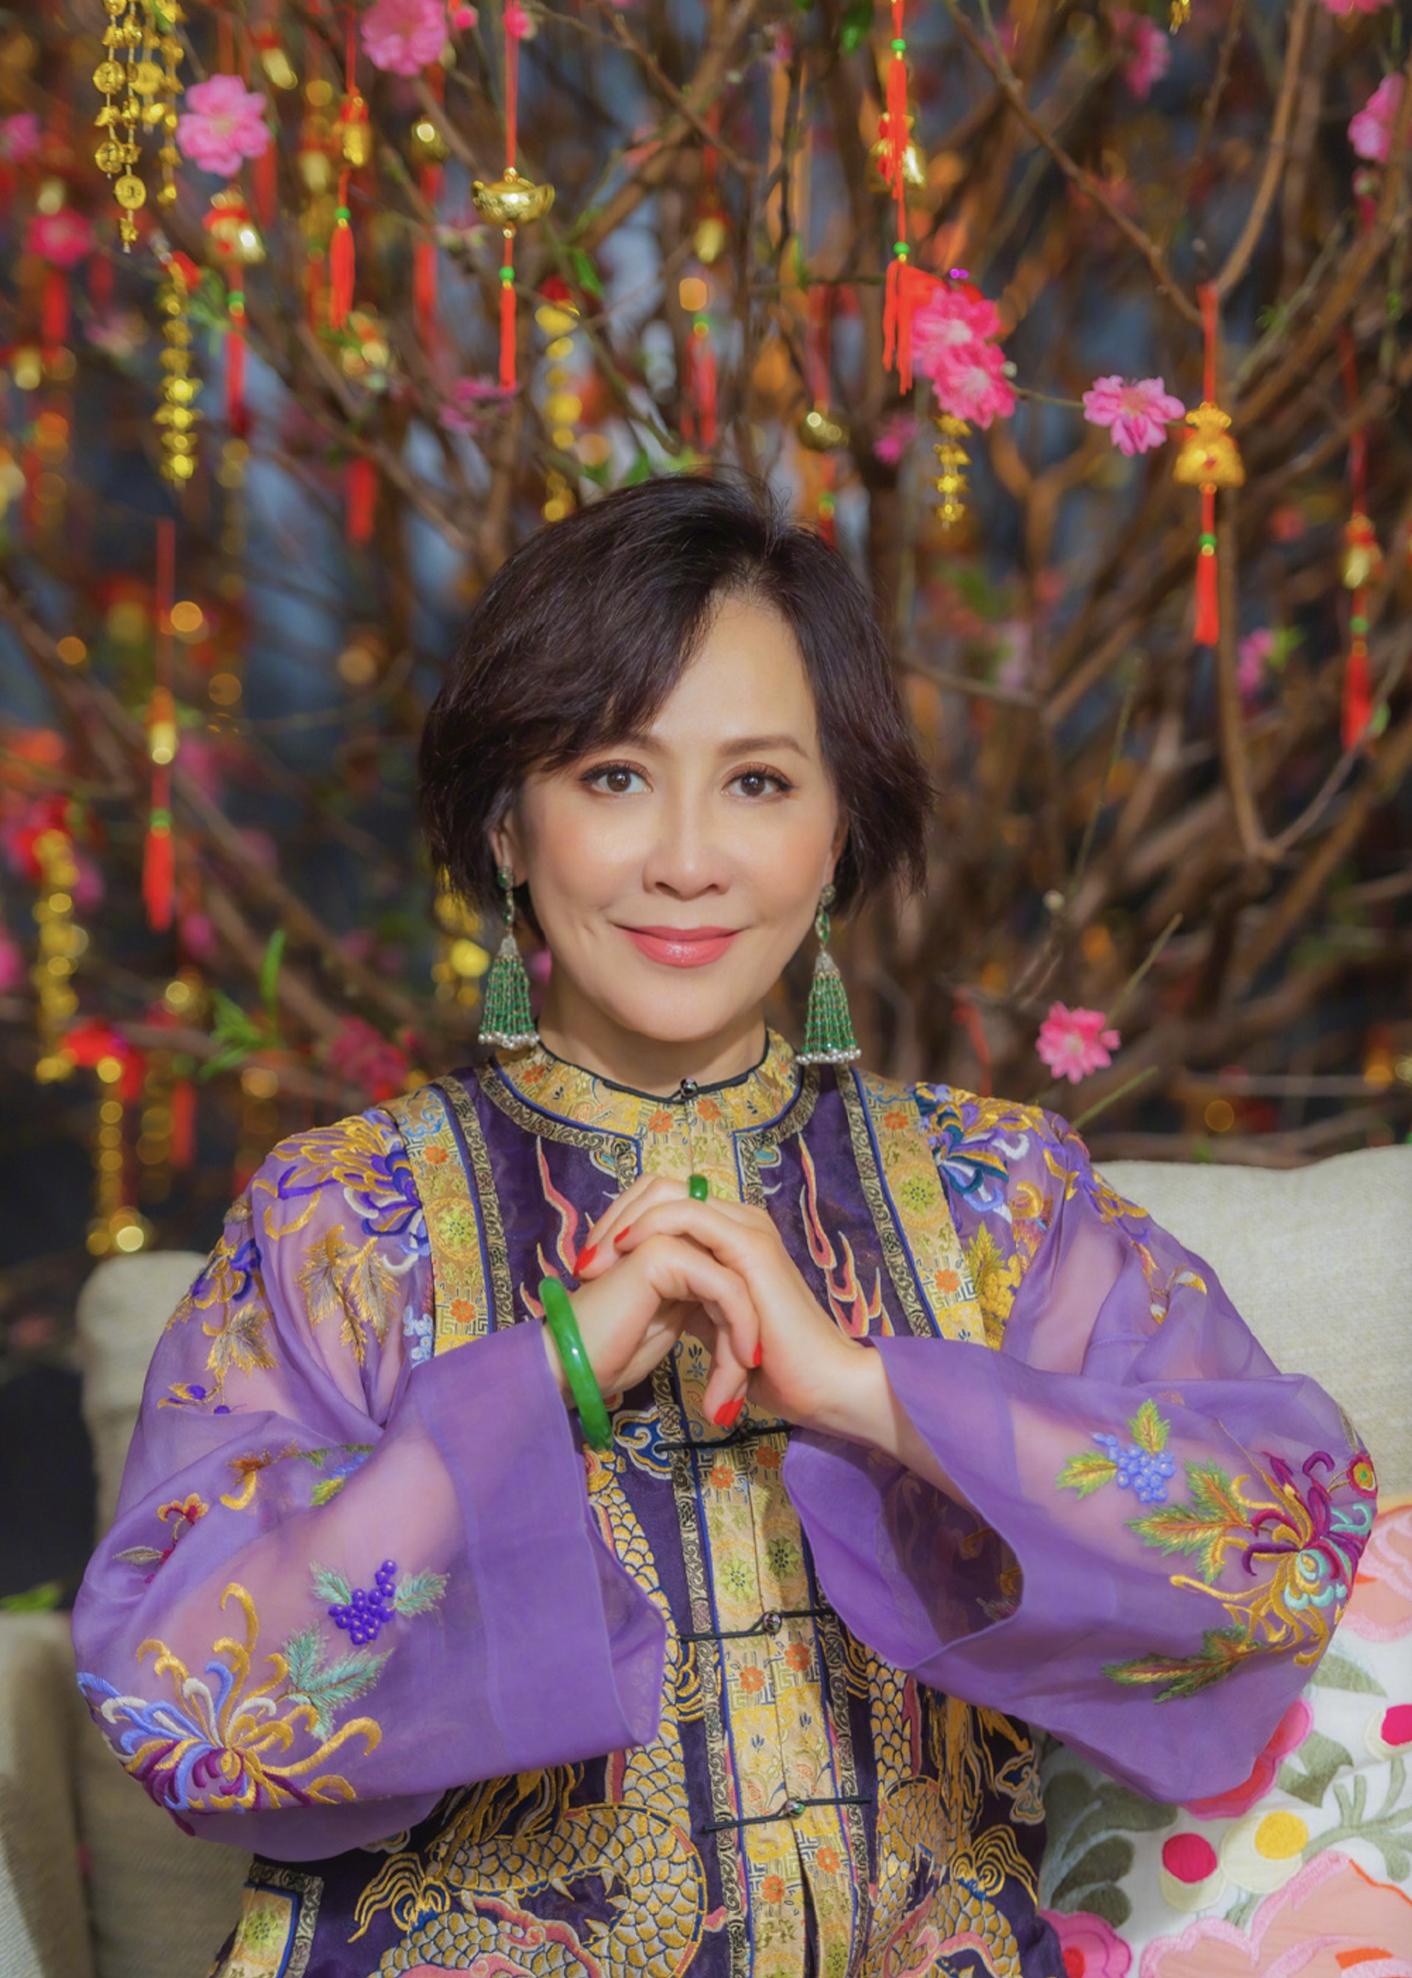 刘嘉玲晒新花瓶估价半亿,上海豪宅满是名画古董,收藏家当之无愧